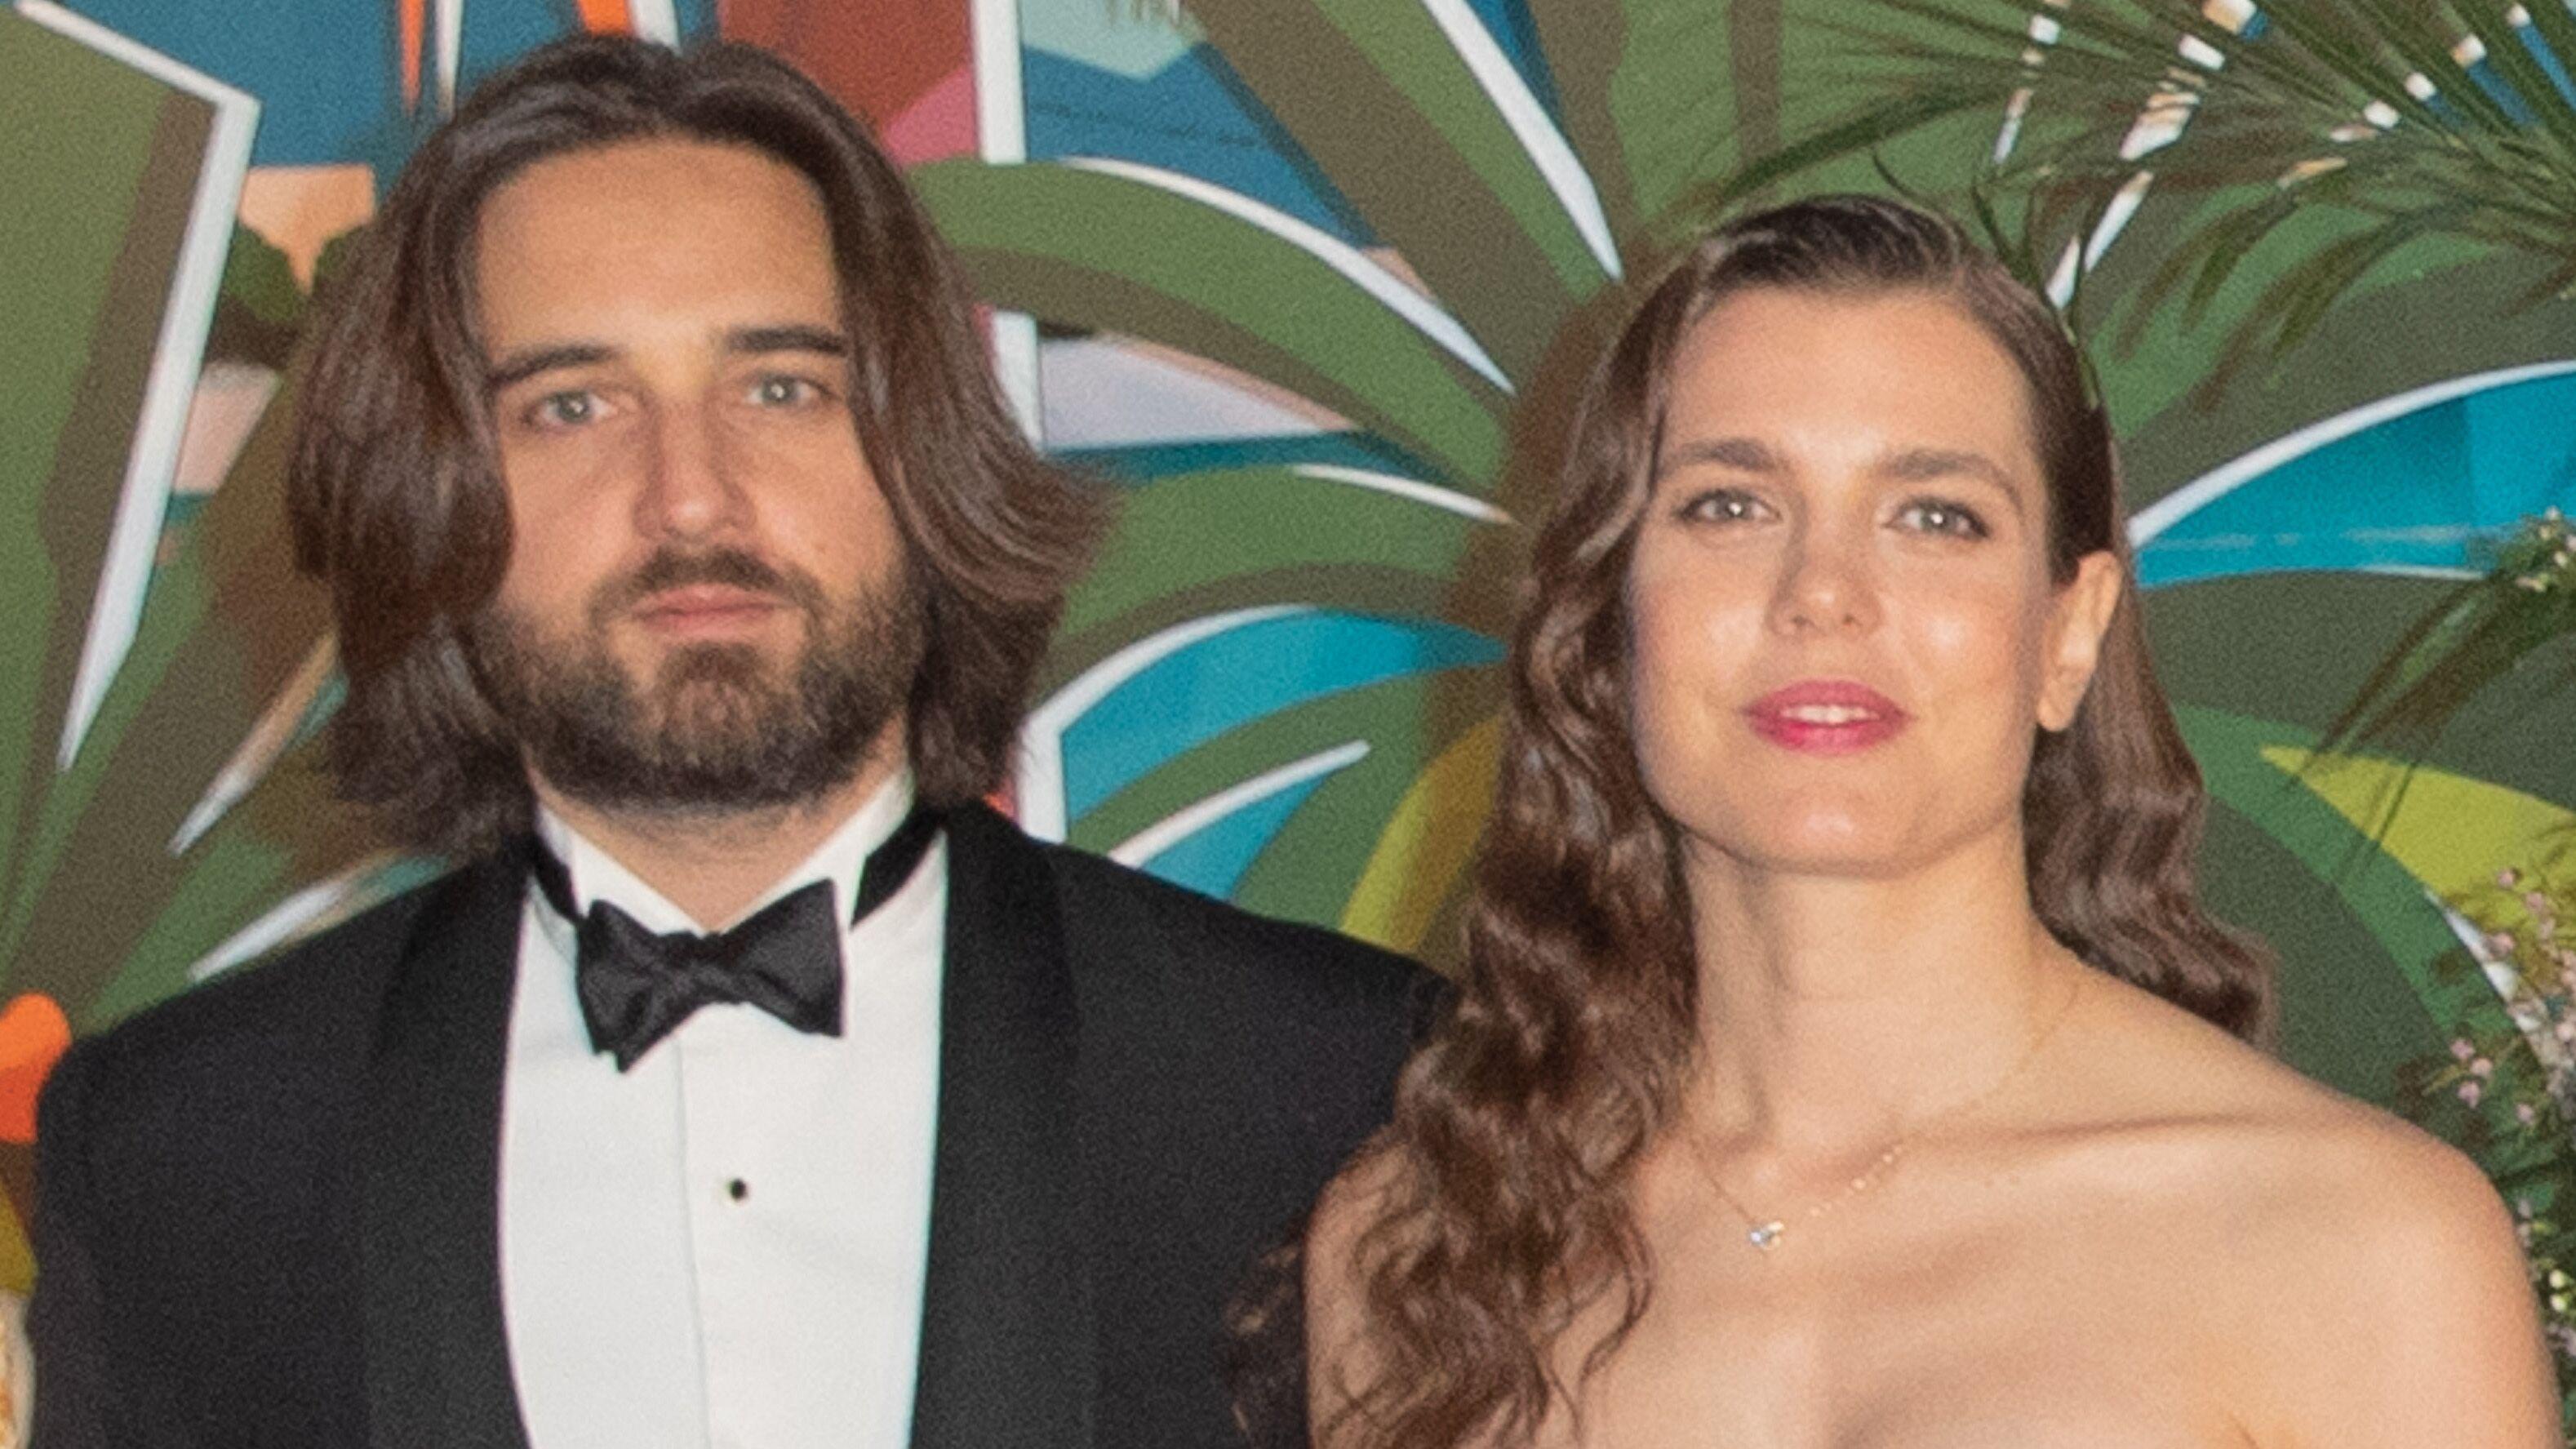 Mariage de Charlotte Casiraghi et Dimitri Rassam  la cérémonie religieuse  a eu lieu aujourd\u0027hui , Voici